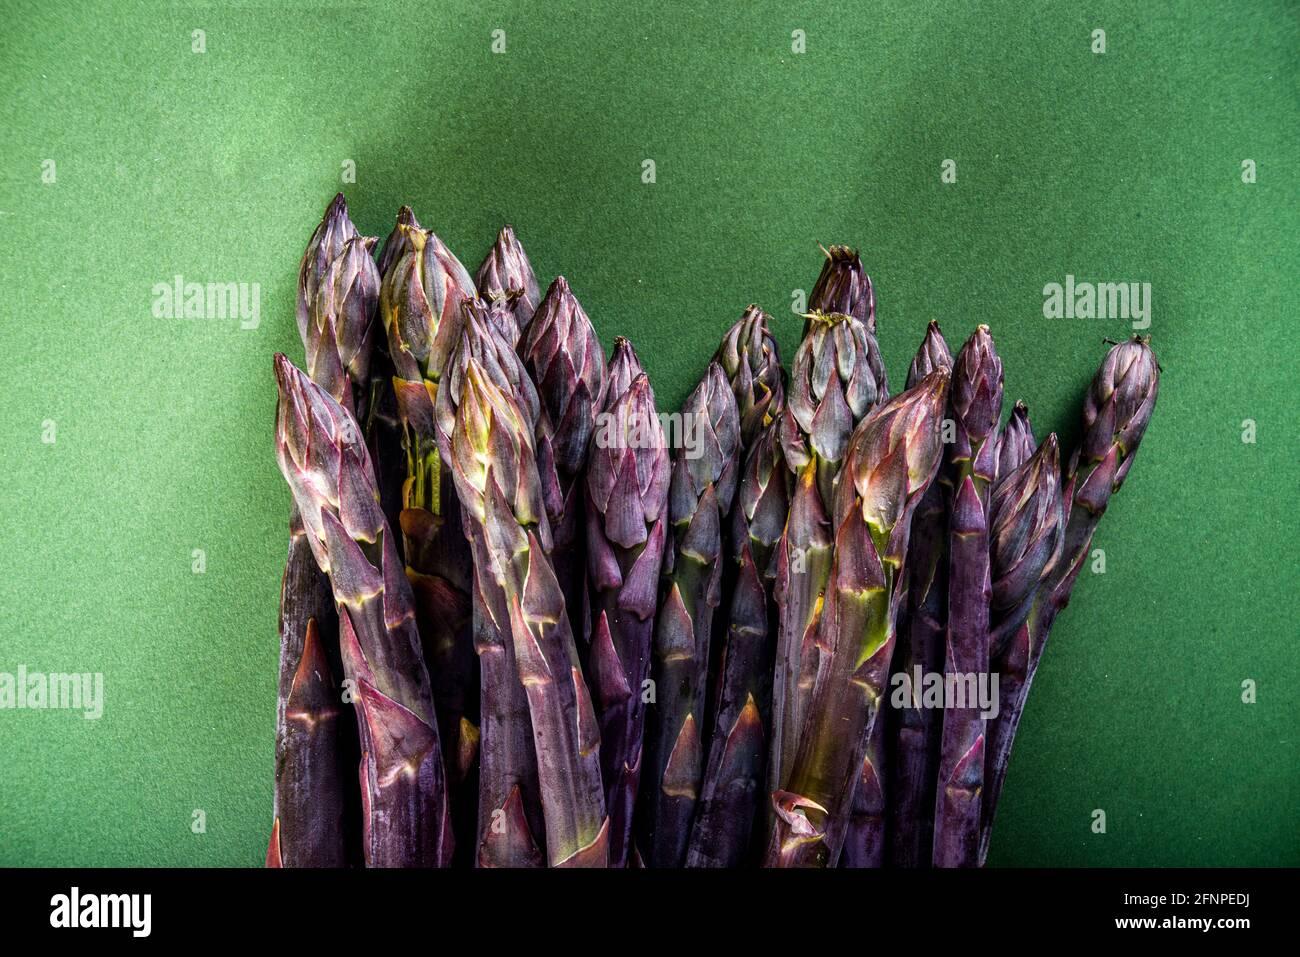 Bouquet d'asperges fraîches, crues, légumes violets, verts et blancs sur fond vert foncé Banque D'Images